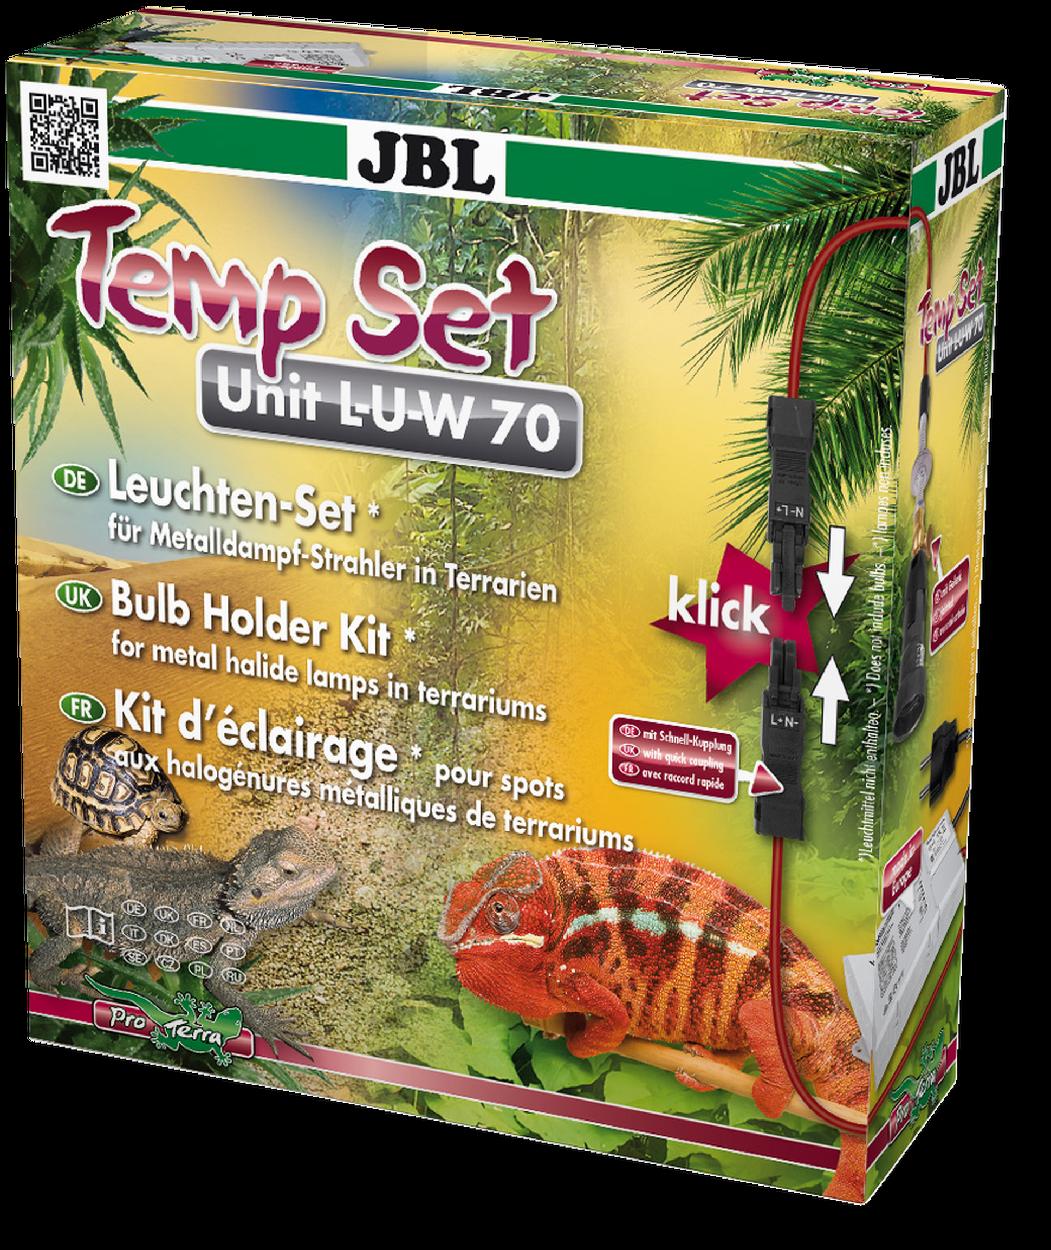 JBL TempSet Unit L-U-W 70 W